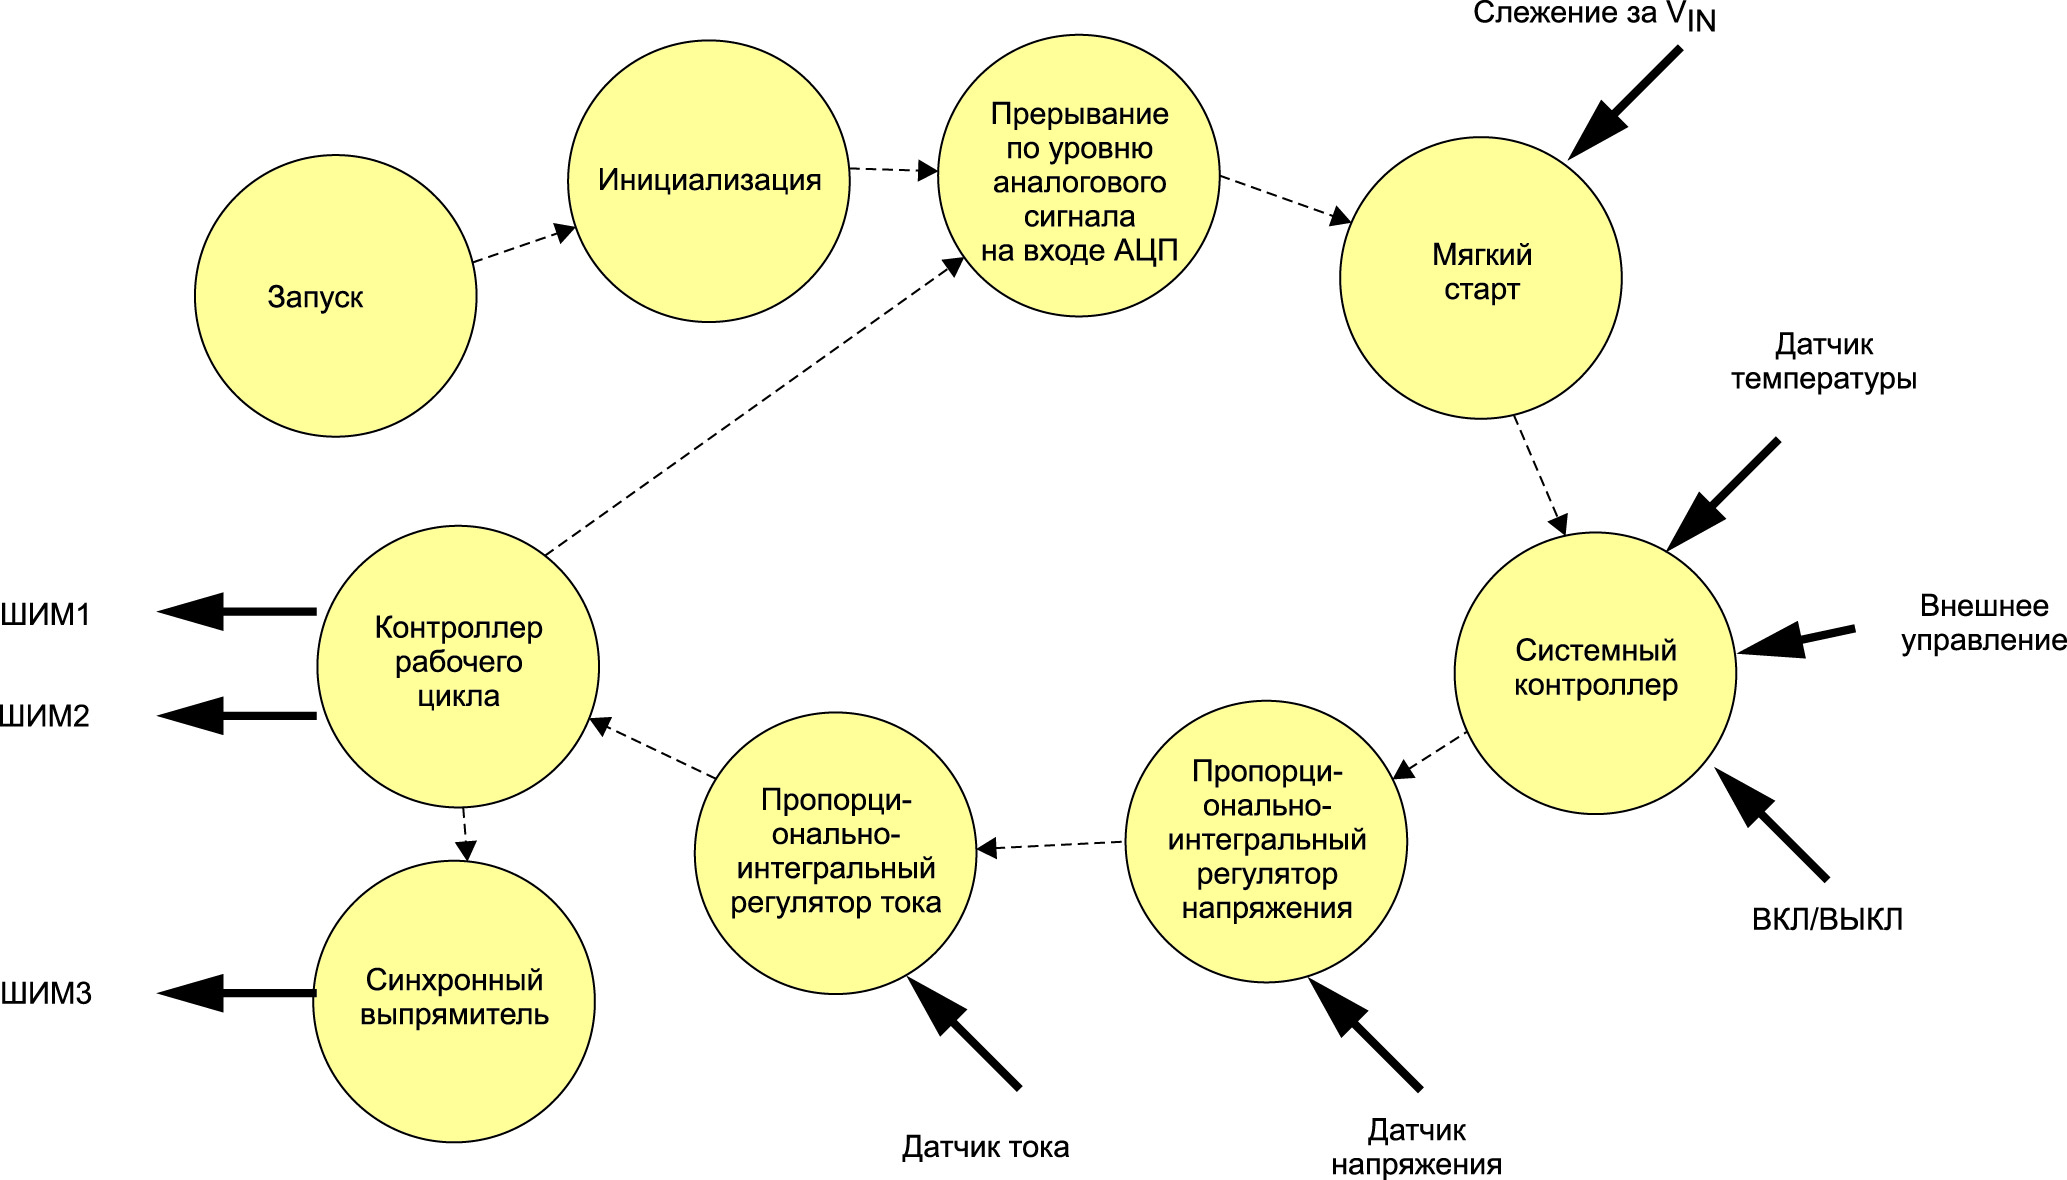 Блок-схема программного обеспечения для контроллера DC/DC-преобразователя с цифровым программным управлением на базе микроконтроллера